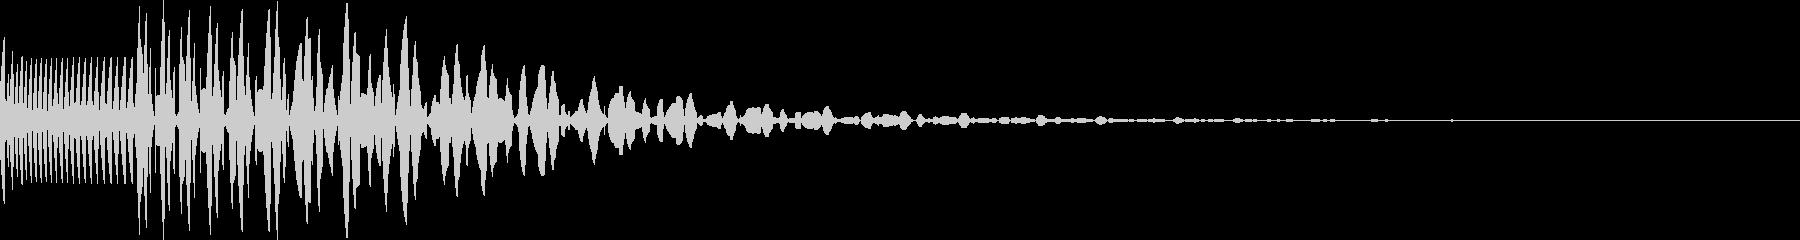 【ドスン】衝撃音/ファミコン/レトロの未再生の波形